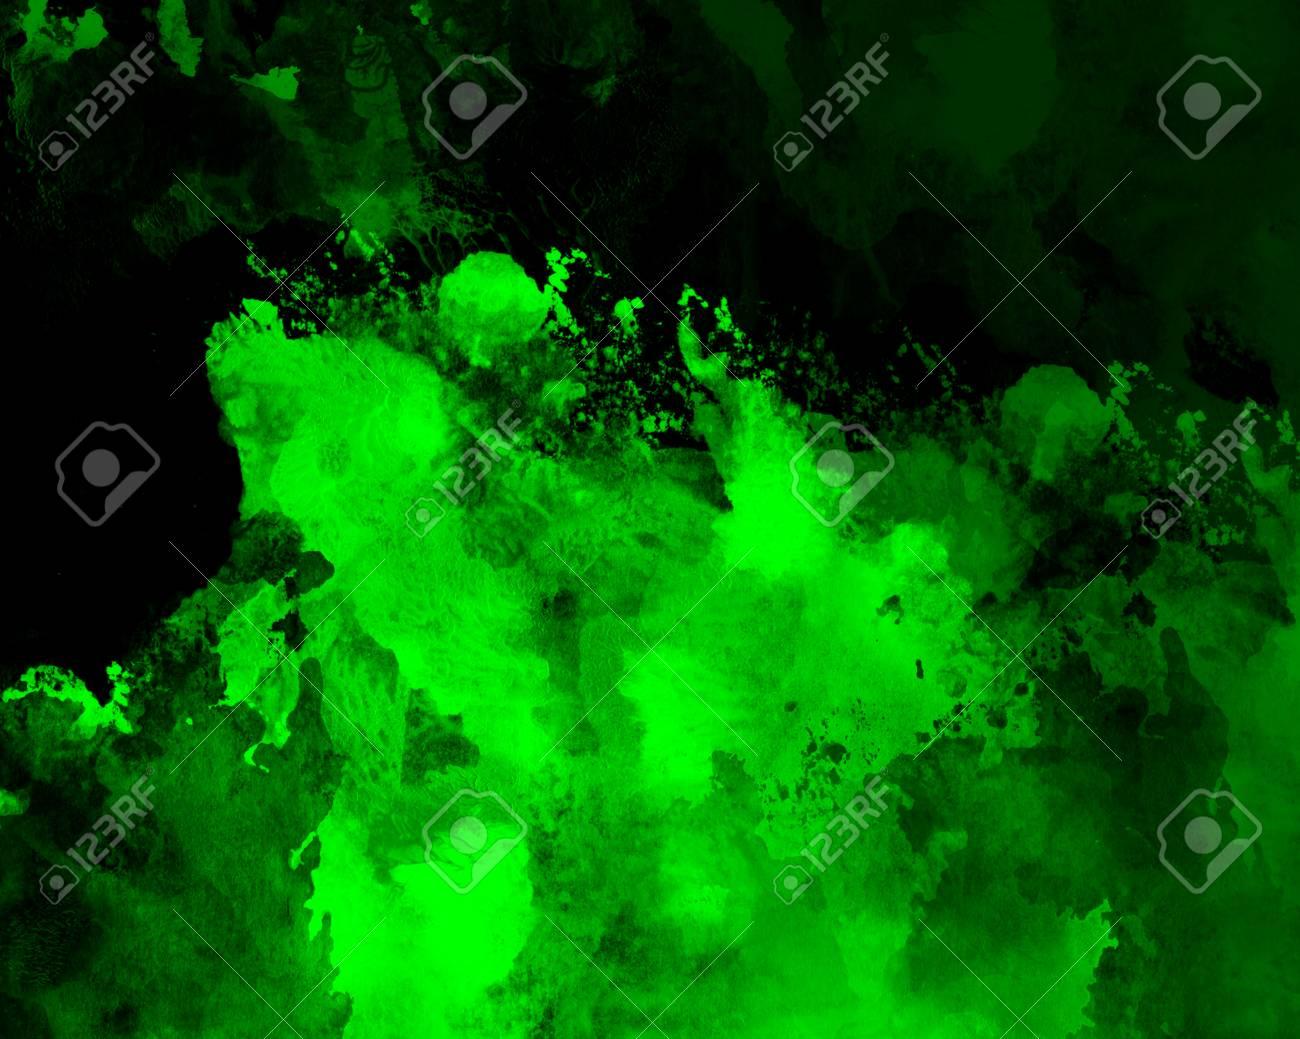 グリーン グラフィック水彩画グランジ背景 装飾 抽象 テンプレート壁紙デザイン スプラッシュ 書道 鮮やかな色 パターン絵画のテクスチャ壁紙のアイデア の写真素材 画像素材 Image